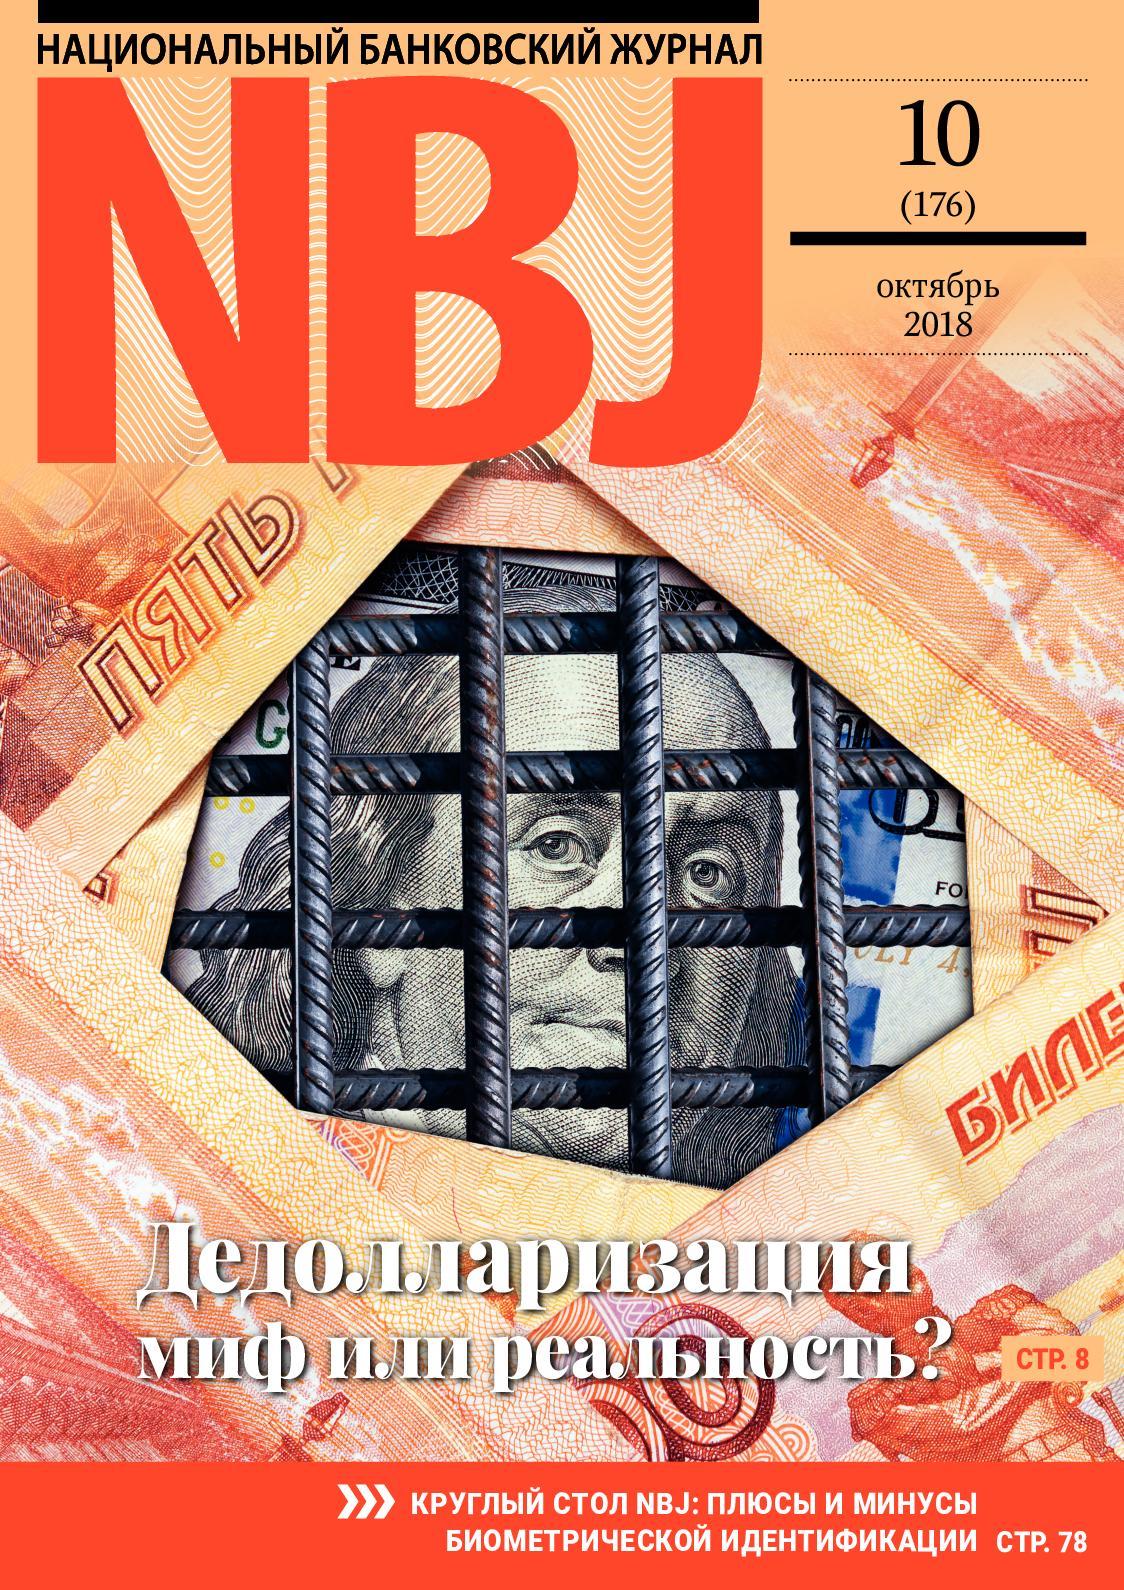 Законопроект об удаленной идентификации клиентов банка будет доработан